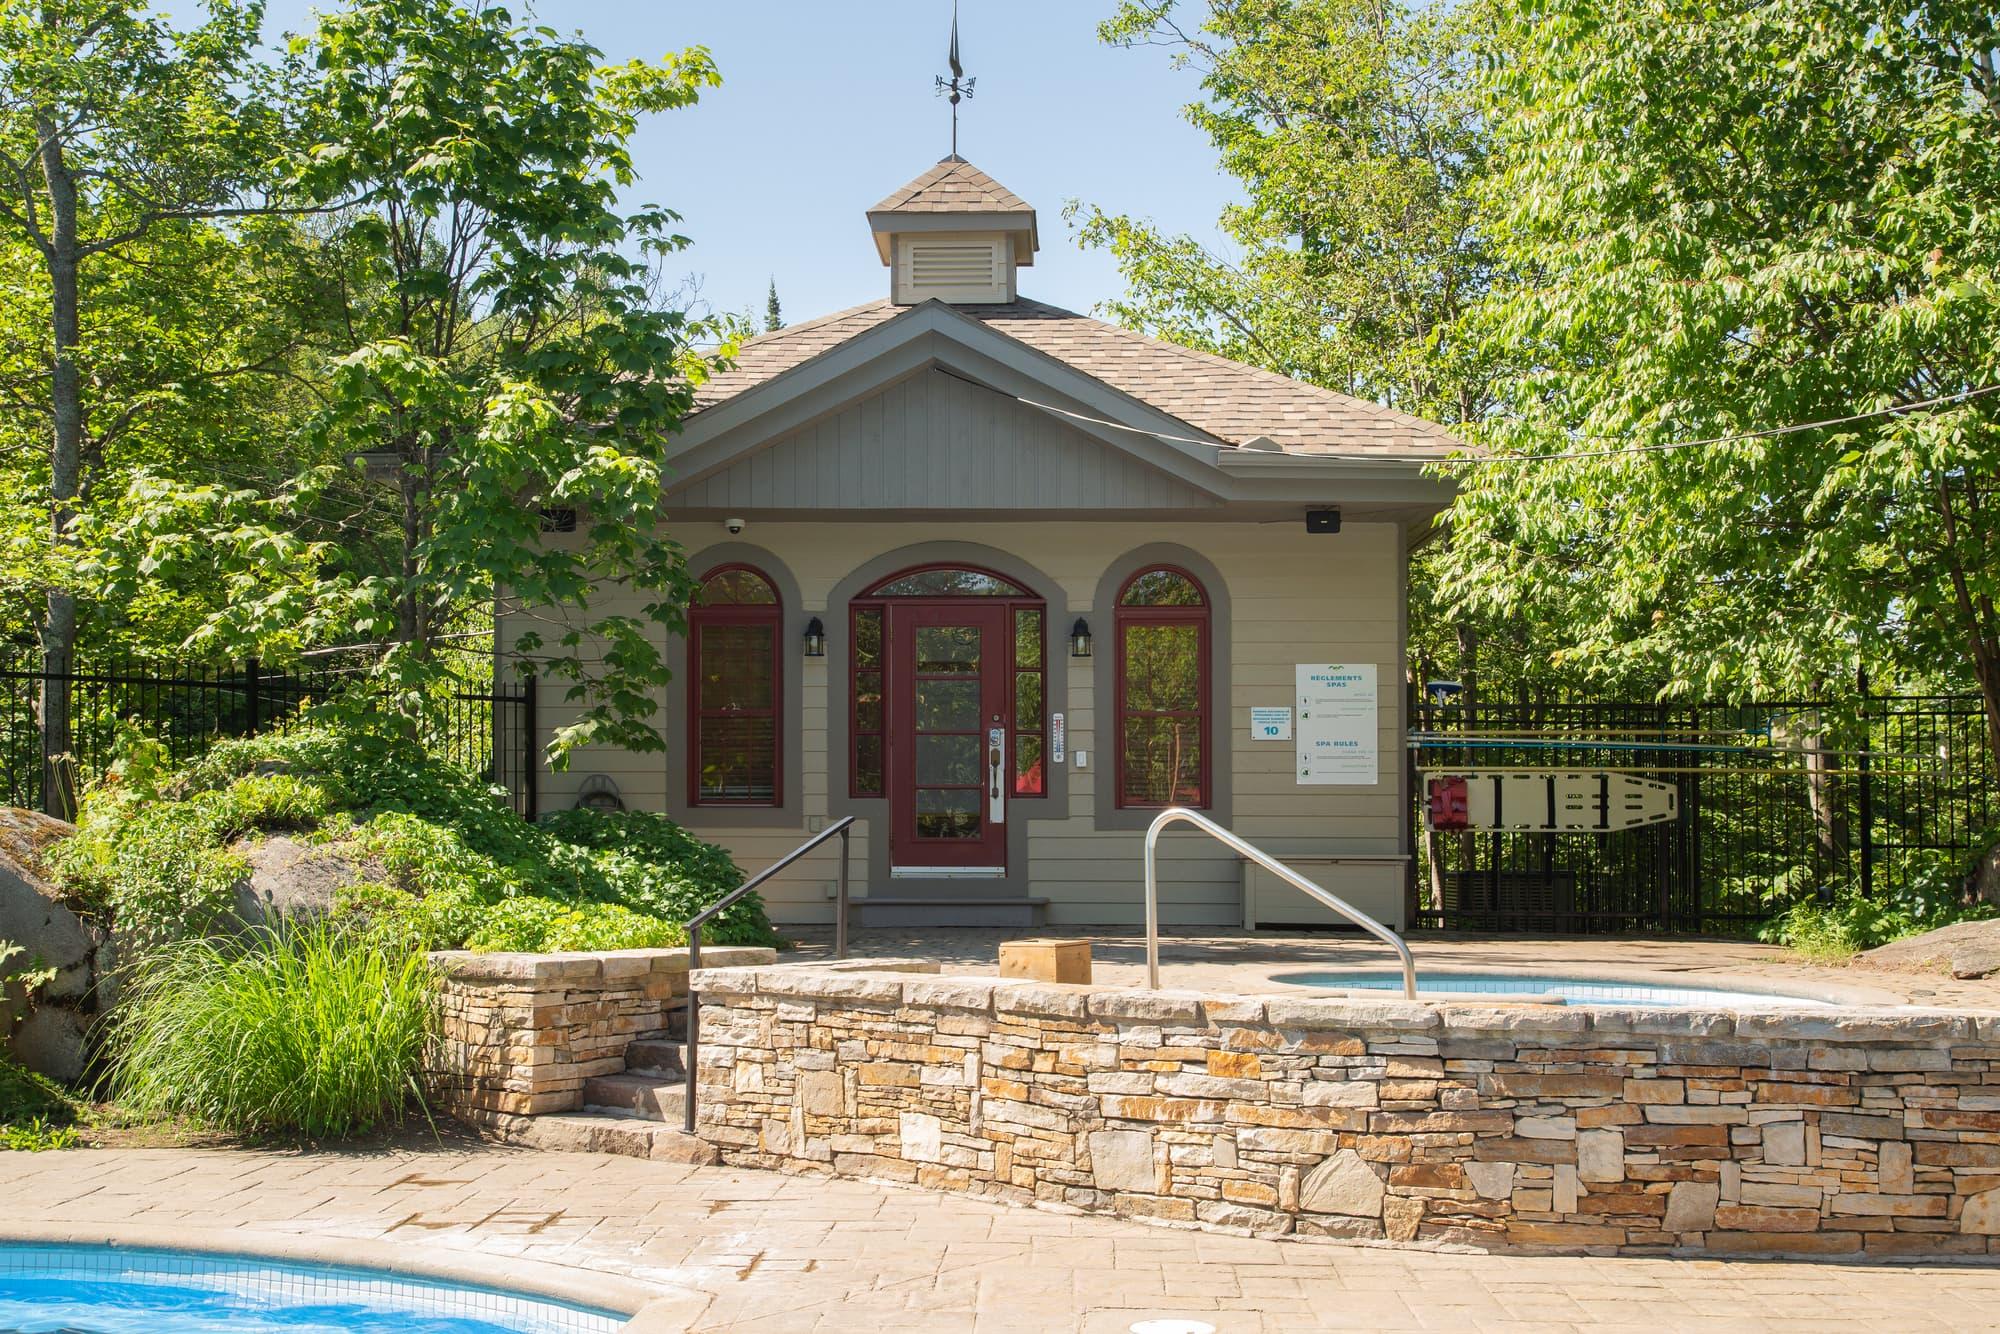 petit pavillon de couleur argile où se trouve la piscine extérieure d'une association de copriétés à Mont-Tremblant